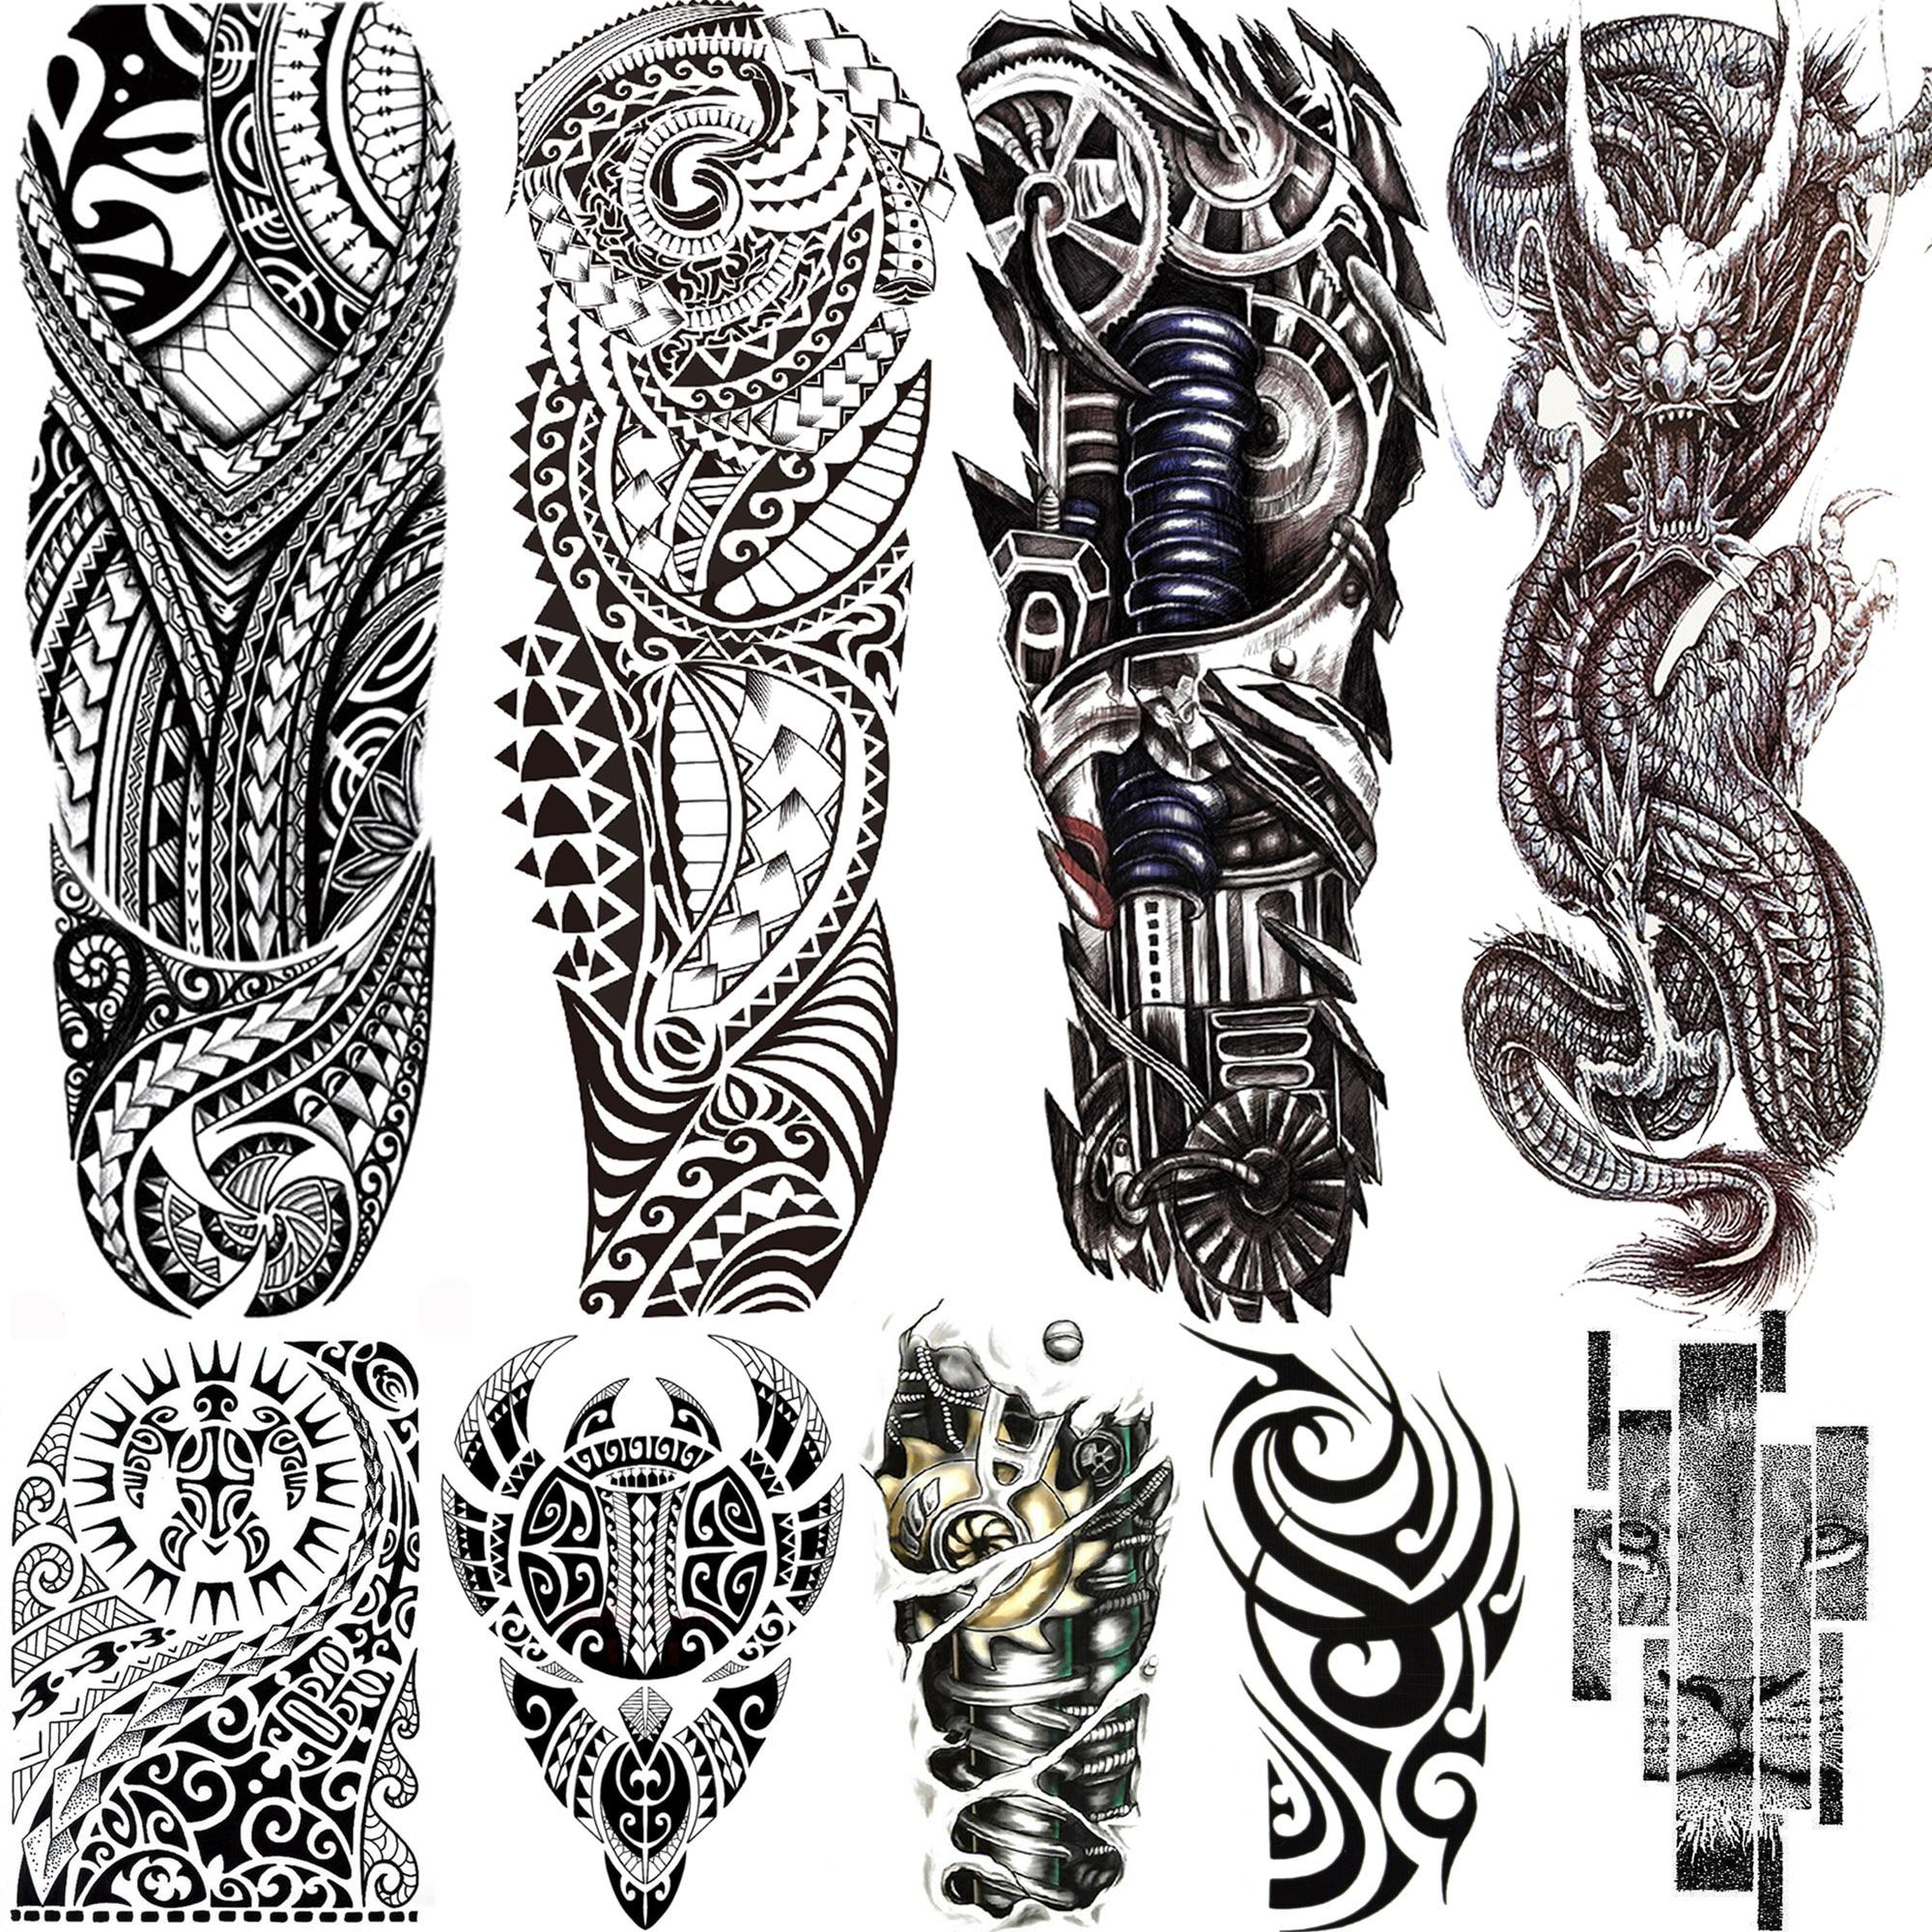 Manga de tatuajes temporal Maori negro para hombres y mujeres tótem falso realista tatuajes temporales grandes cubre pasta tatuaje dragón León